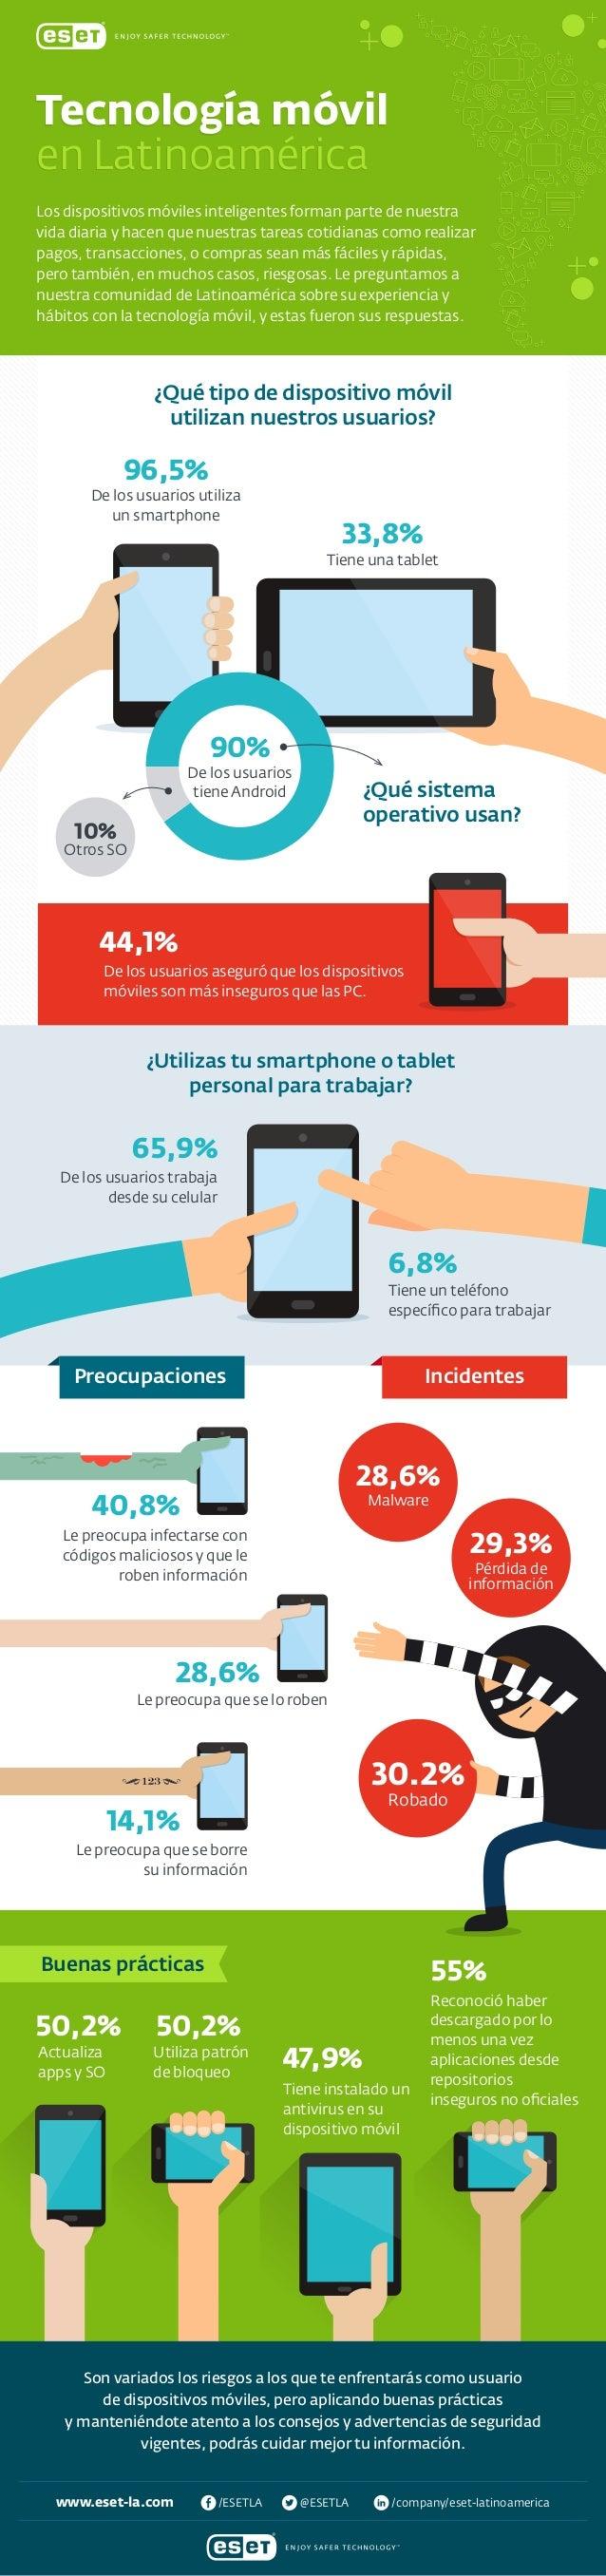 Tecnología móvil en Latinoamérica De los usuarios aseguró que los dispositivos móviles son más inseguros que las PC. 44,1%...